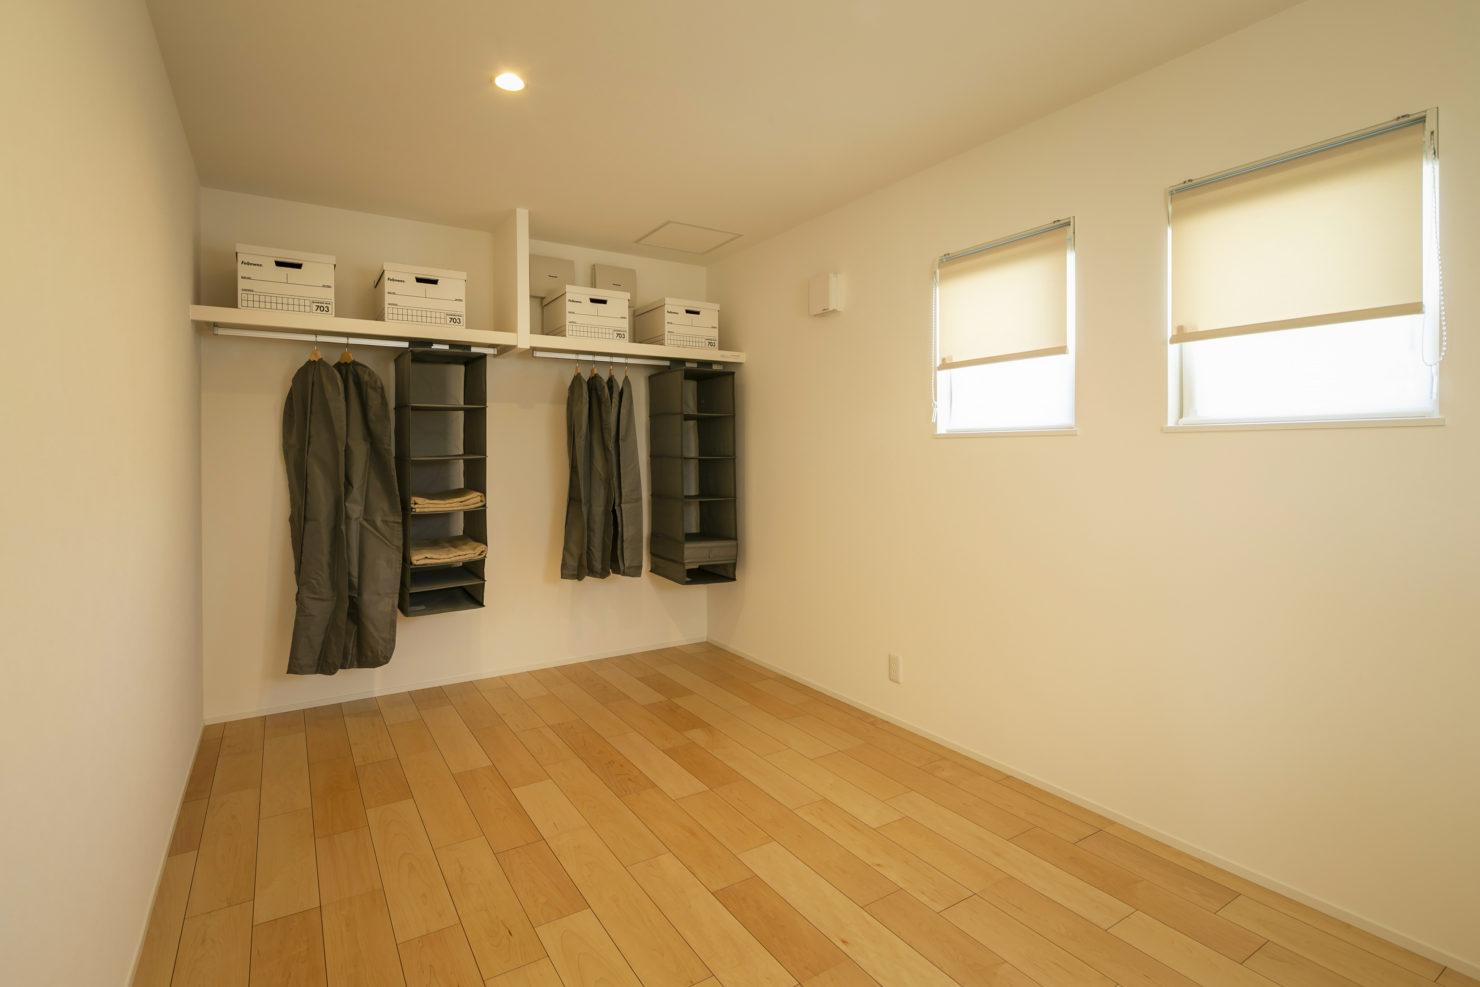 ハウスM21 北上市村崎野建売住宅 寝室写真